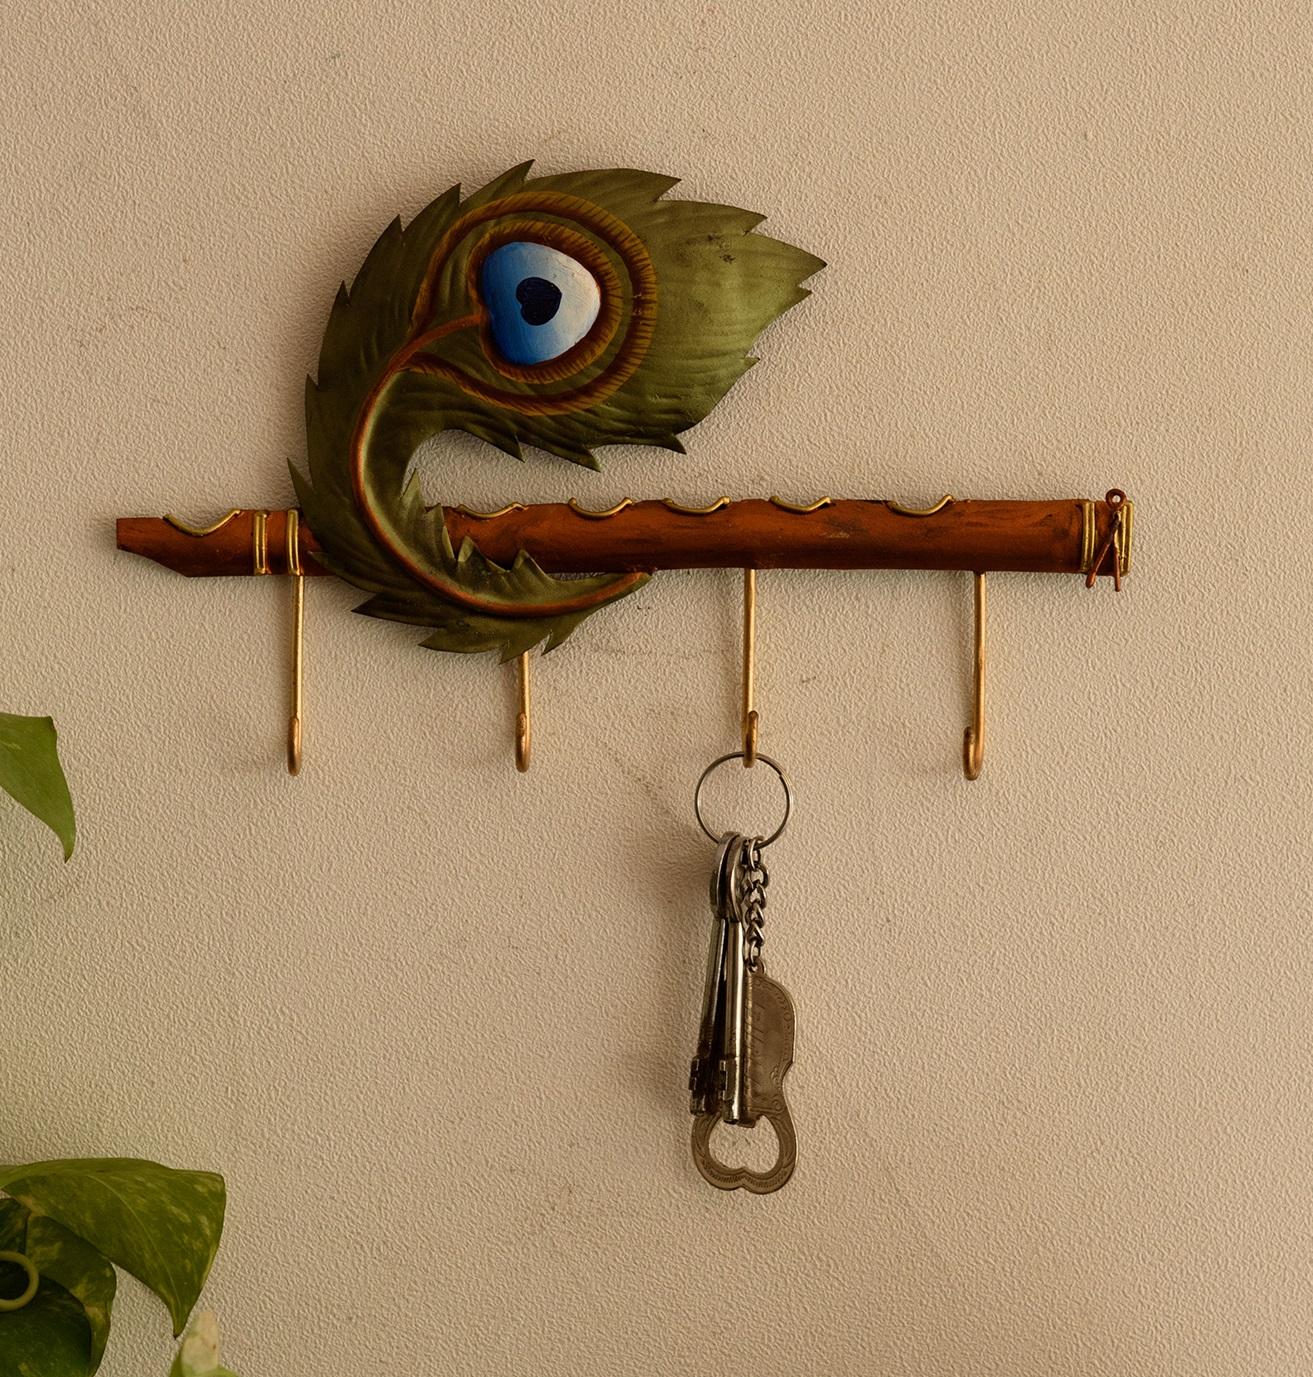 Wrought Iron Mor Pankh Key Holder Indian Home Decor